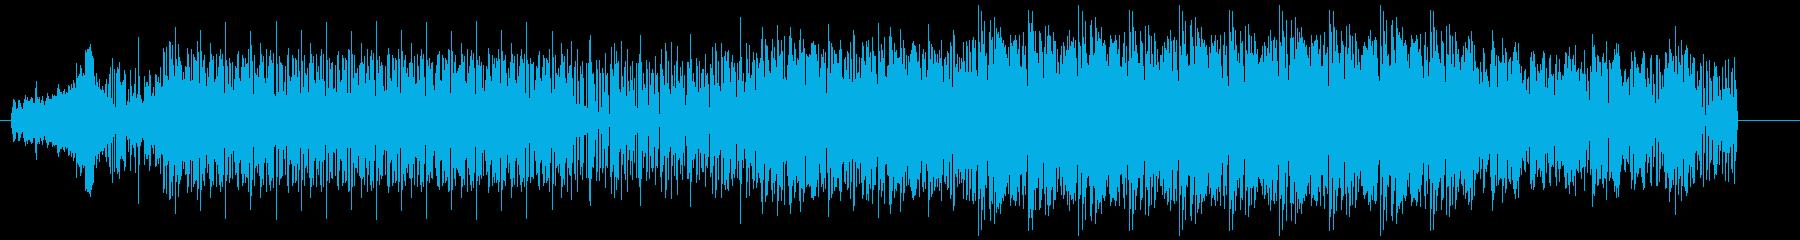 ノリの良い痛快エレクトリックファンクの再生済みの波形